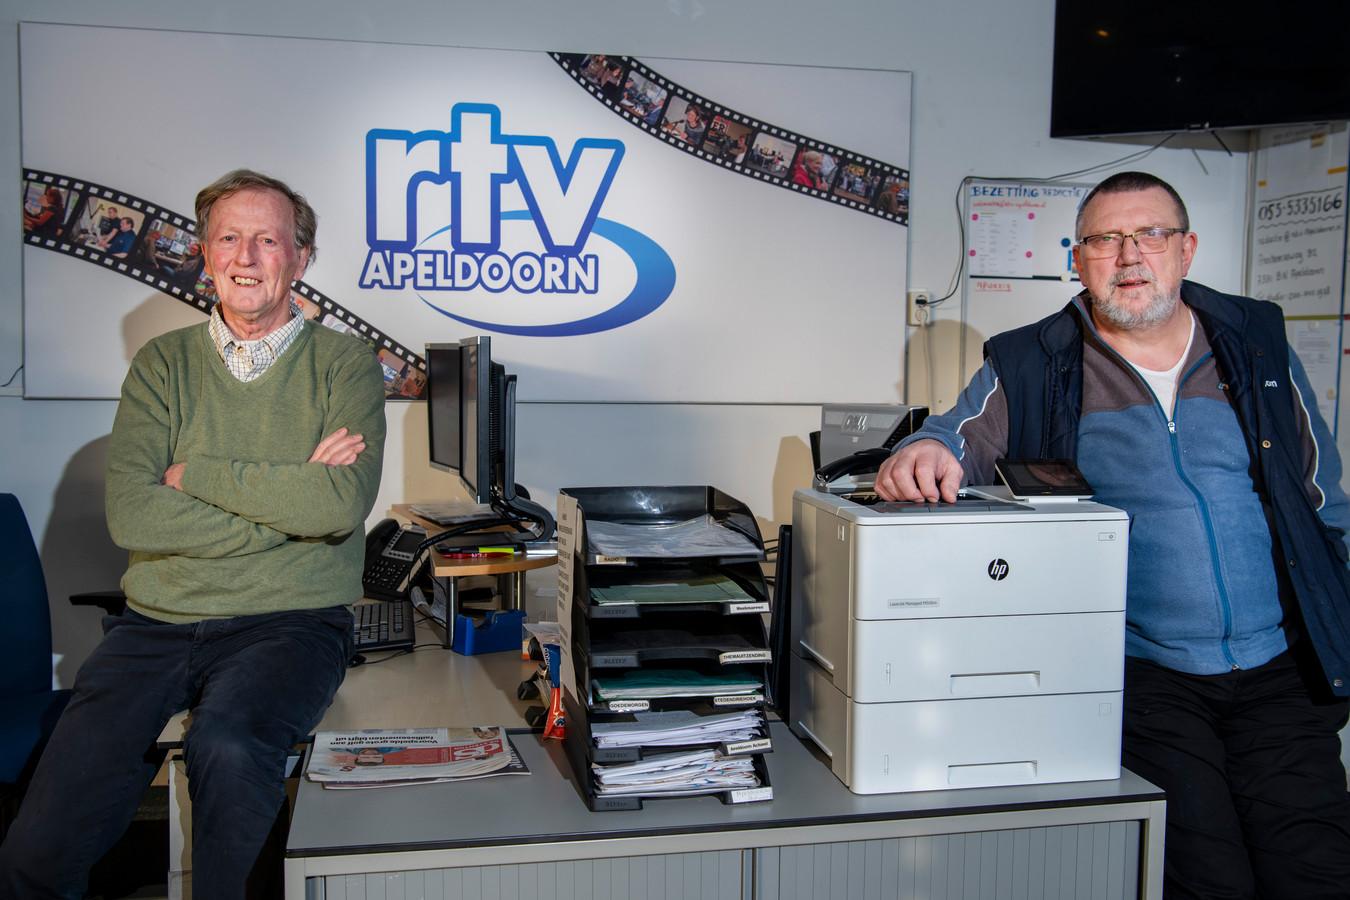 RTV Apeldoorn-voorzitter Arjan Speelman (links) en stationmanager Theo Witlox (rechts).